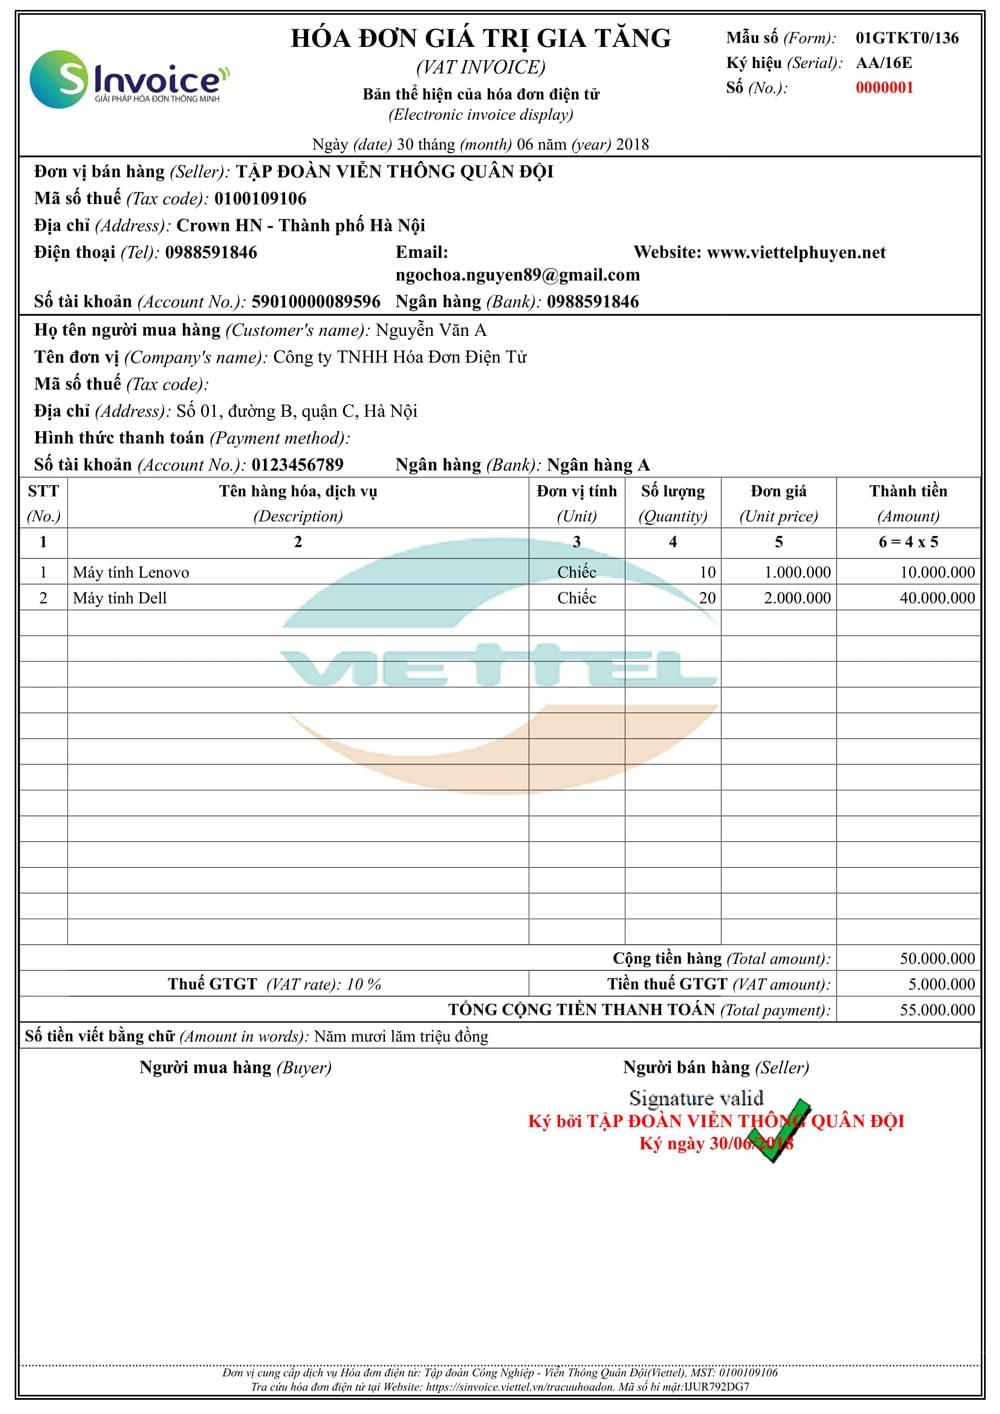 Mẫu hóa đơn điện tử Viettel 6